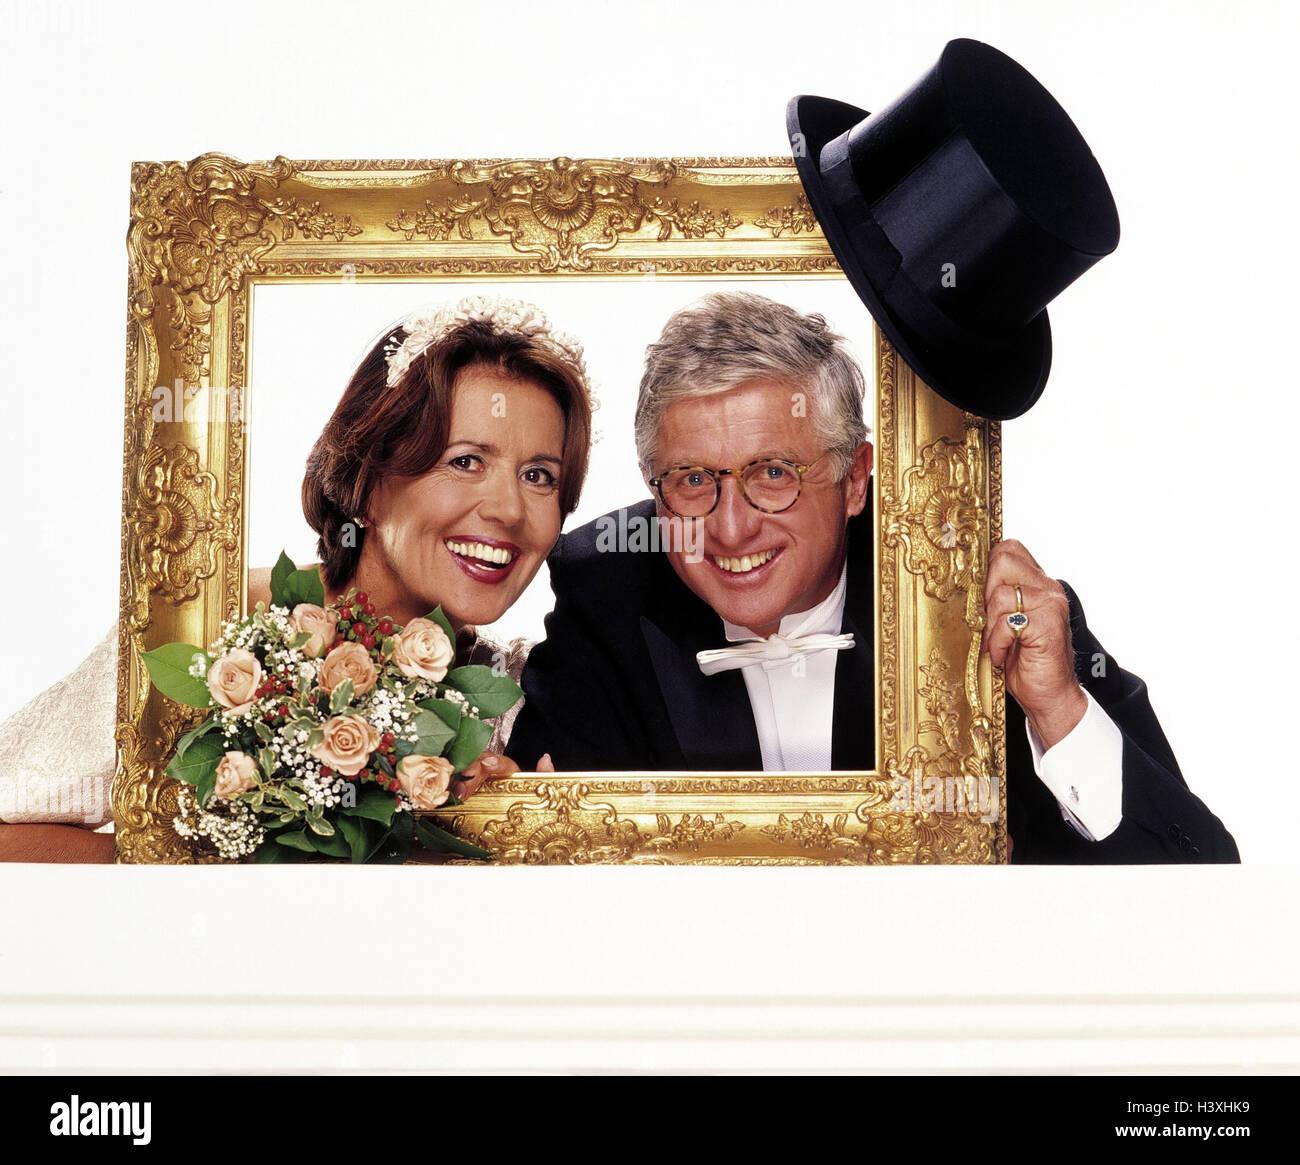 Braut und Bräutigam, Bilderrahmen, Zylinder, Brautstrauß, Portrait ...